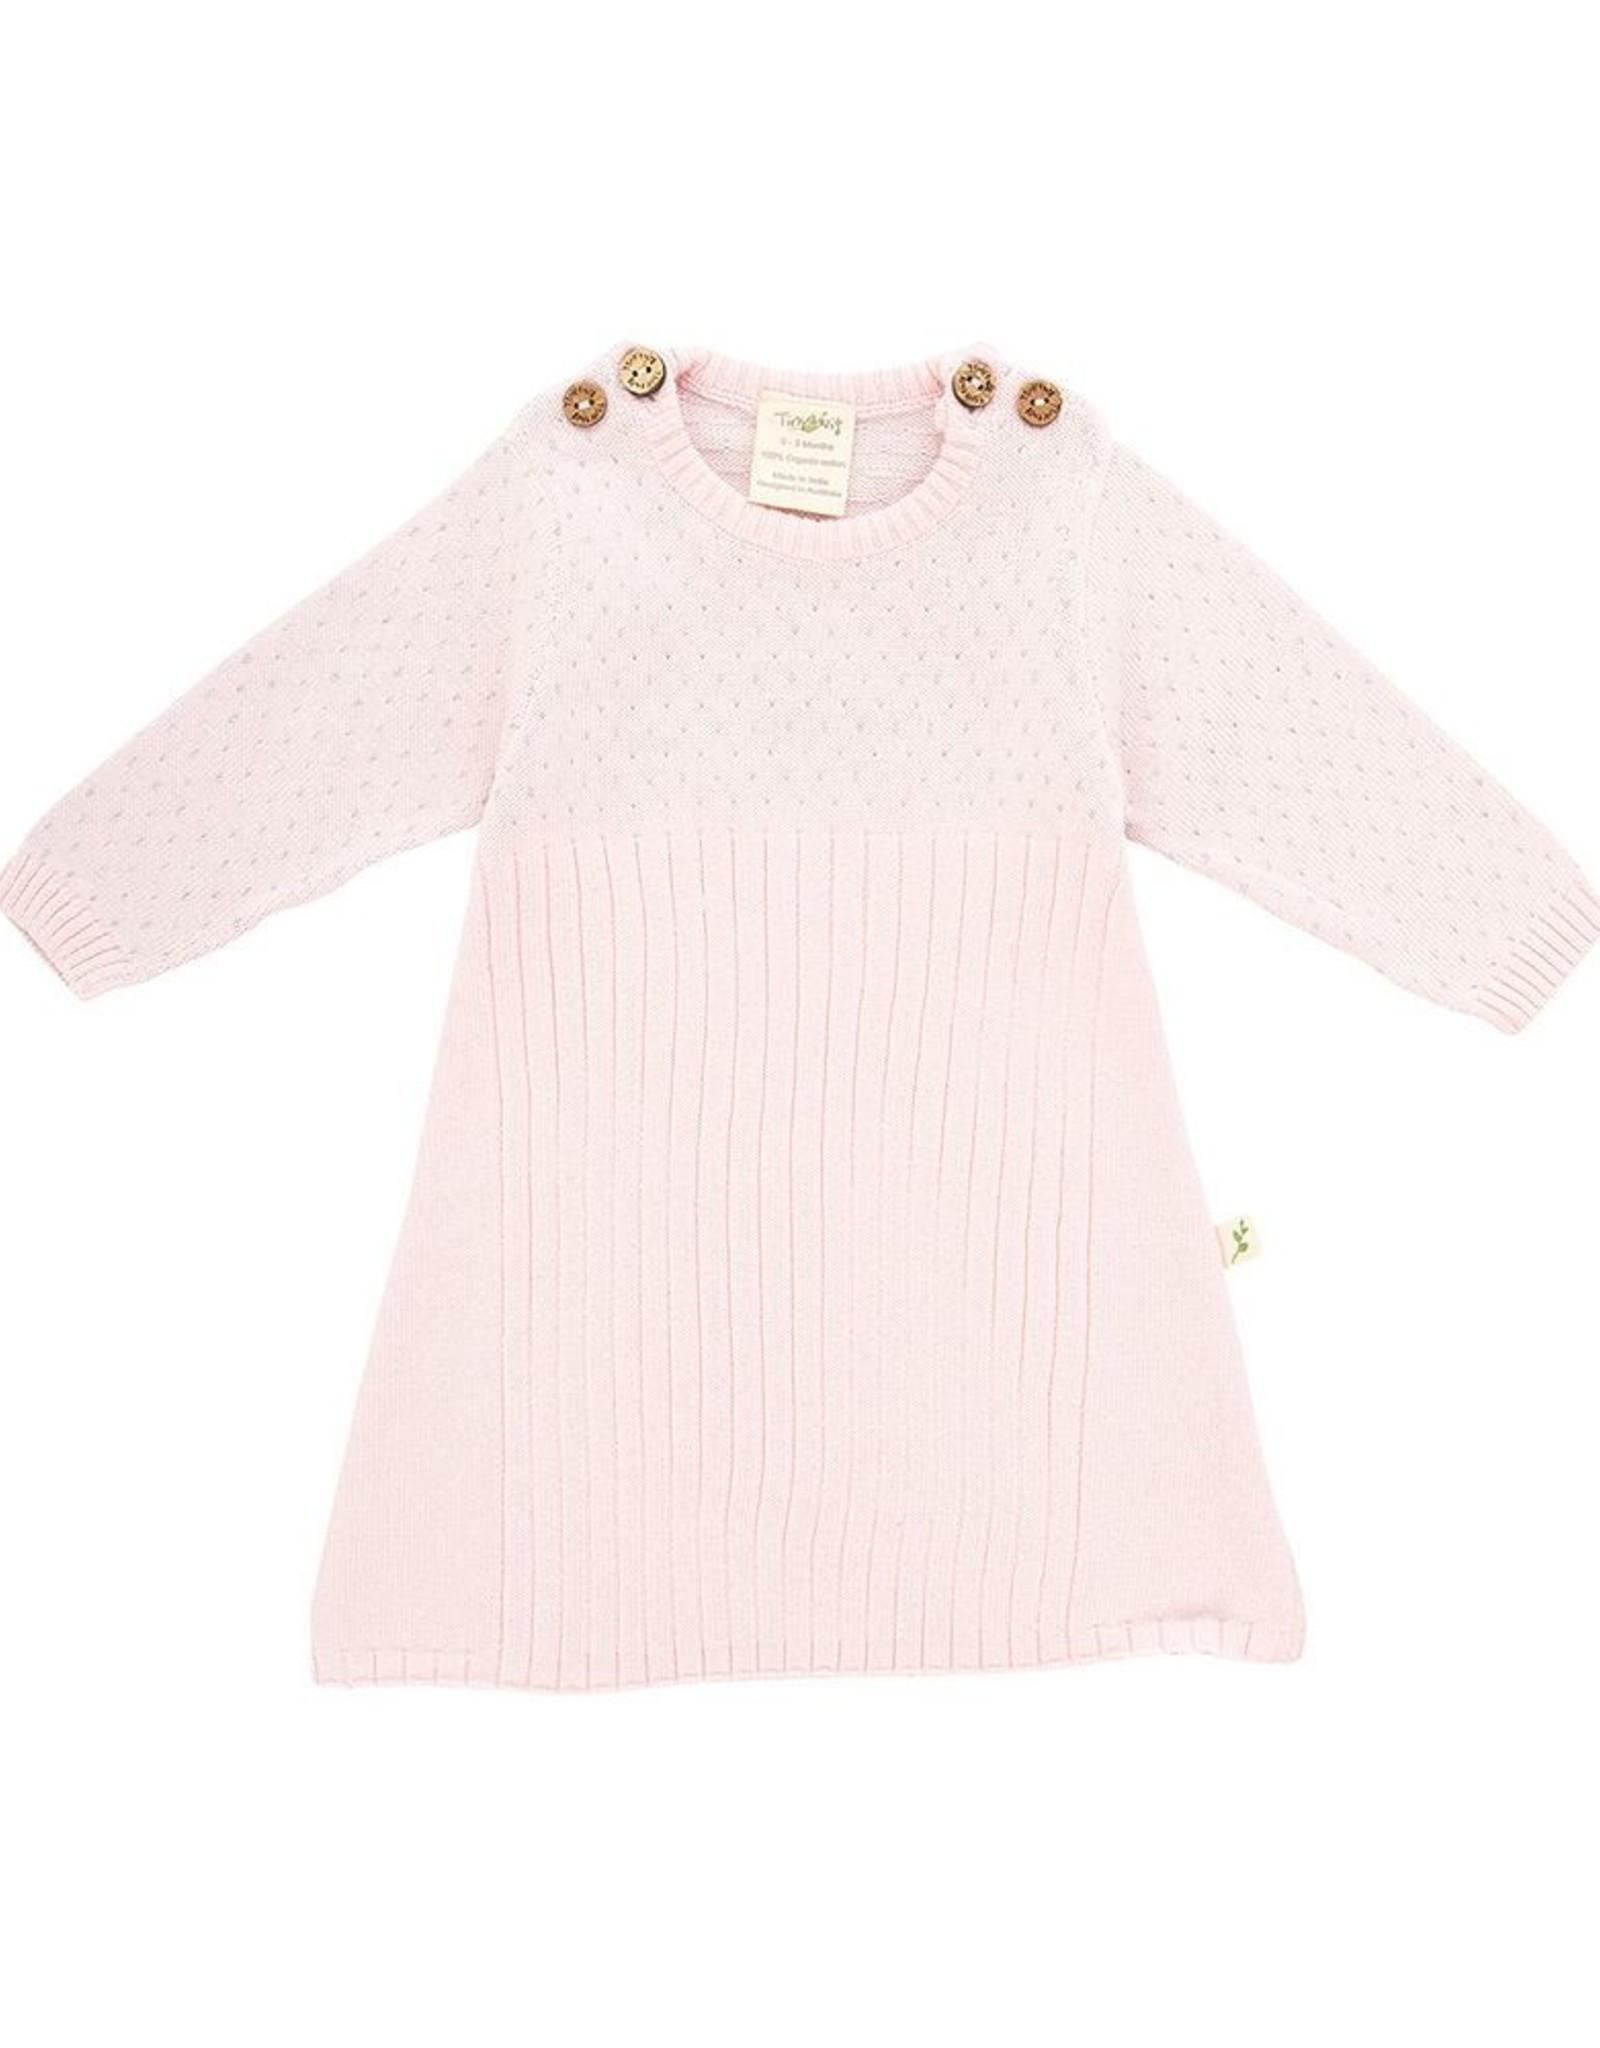 Tiny Twig Knit Jacquard Dress- Pink